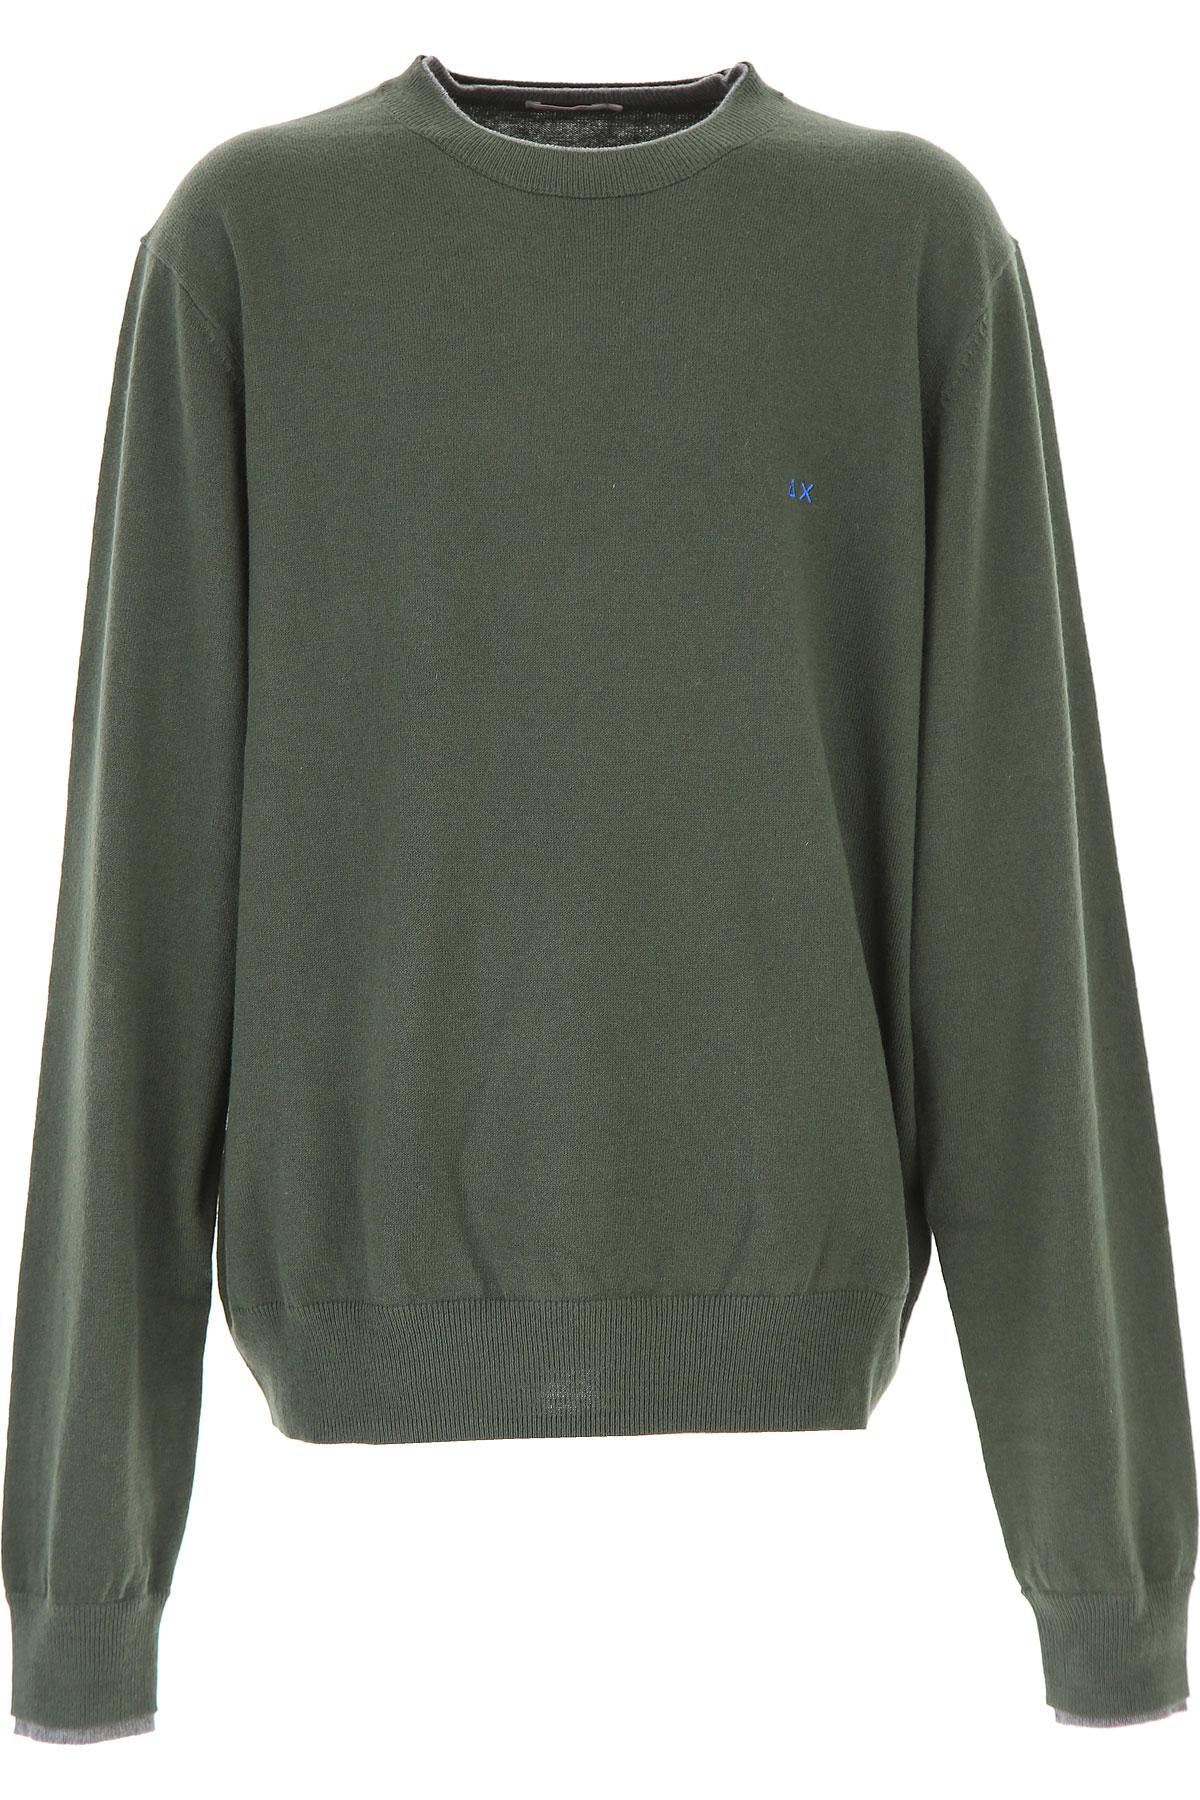 Image of Sun68 Kids Sweaters for Boys, Dark Green, Wool, 2017, 10Y 14Y 16Y 2Y 4Y 6Y 8Y